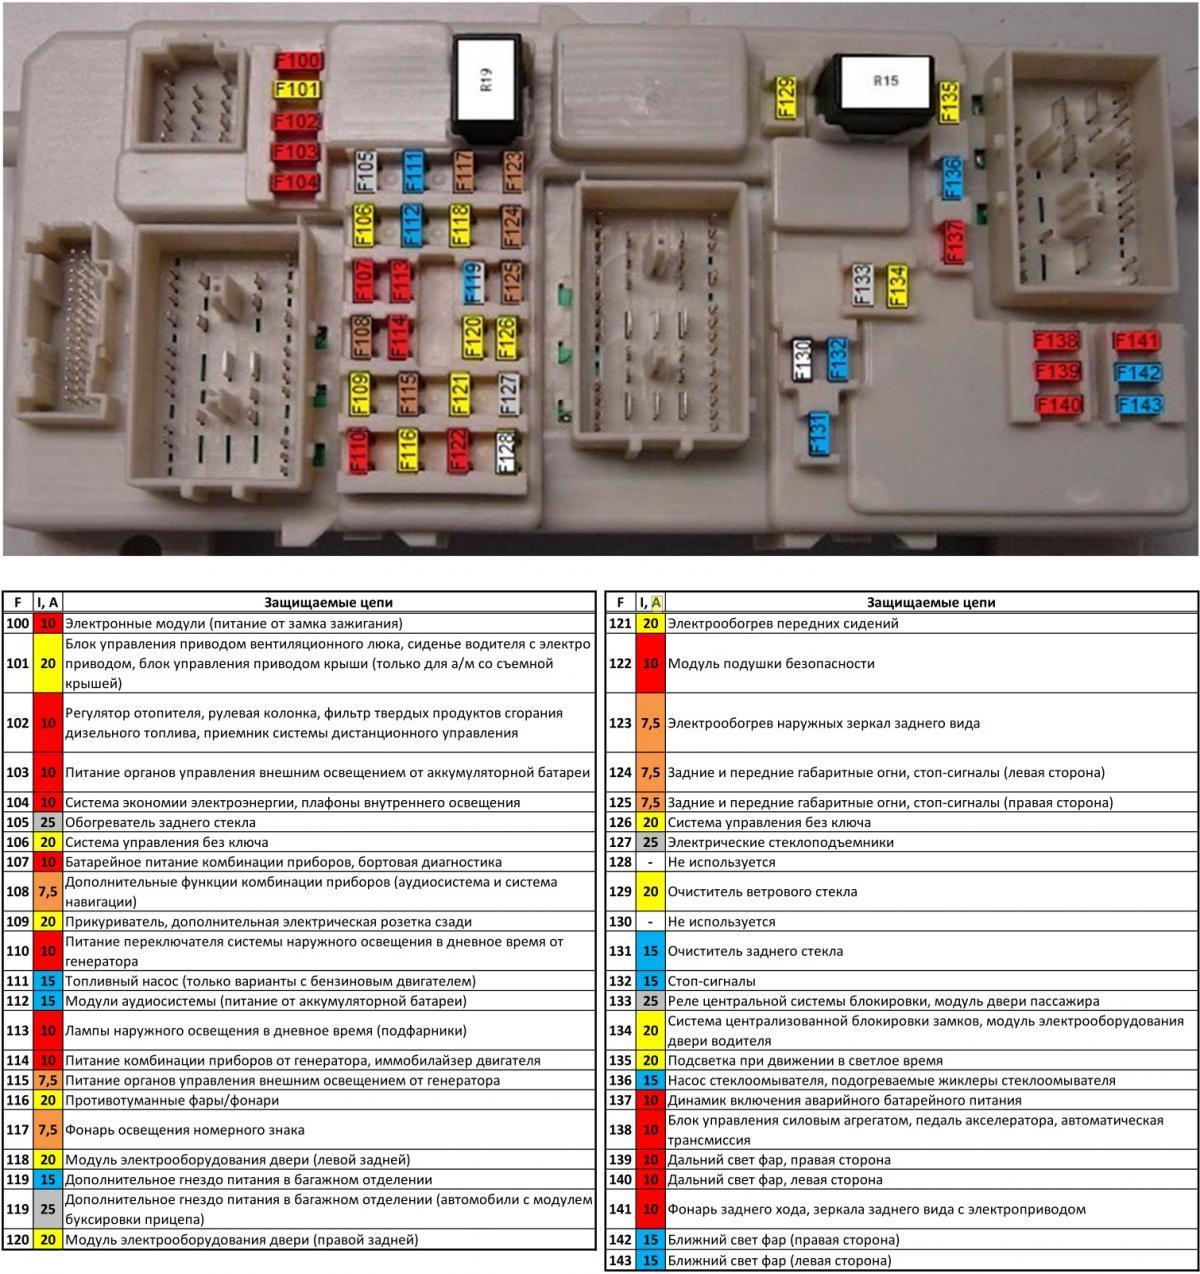 Схема предохранителей Форд фокус 2